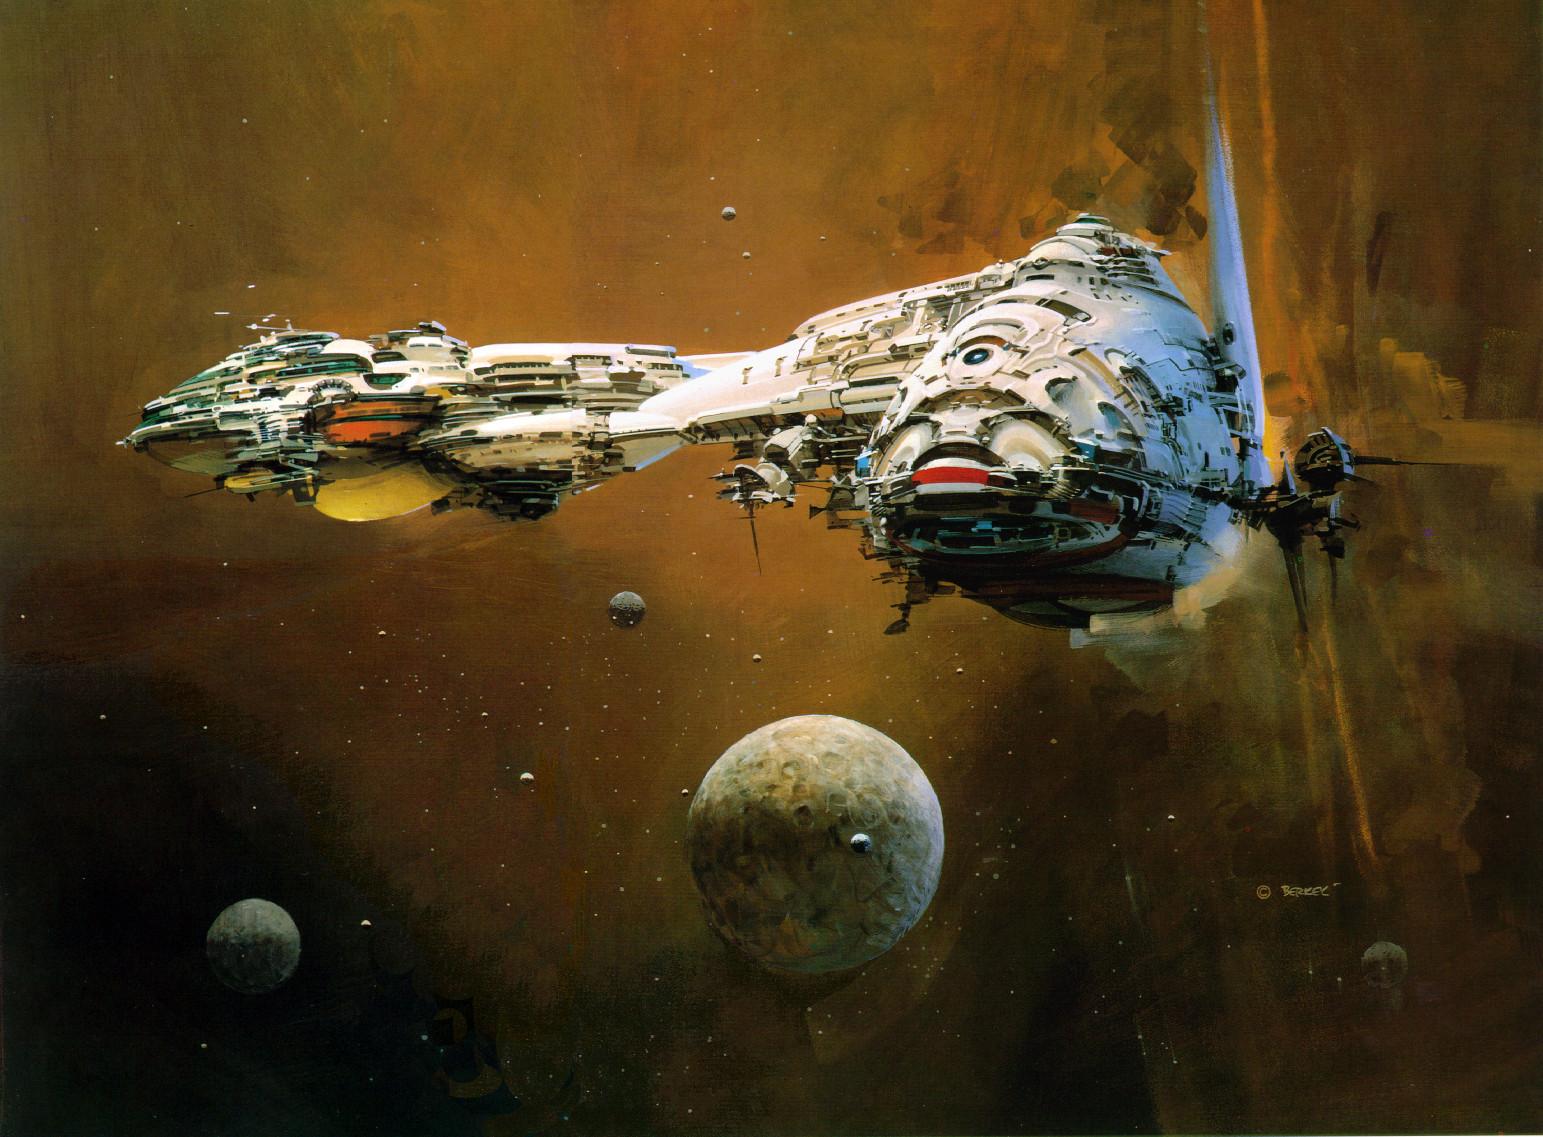 Spaceships космические корабли и прочая